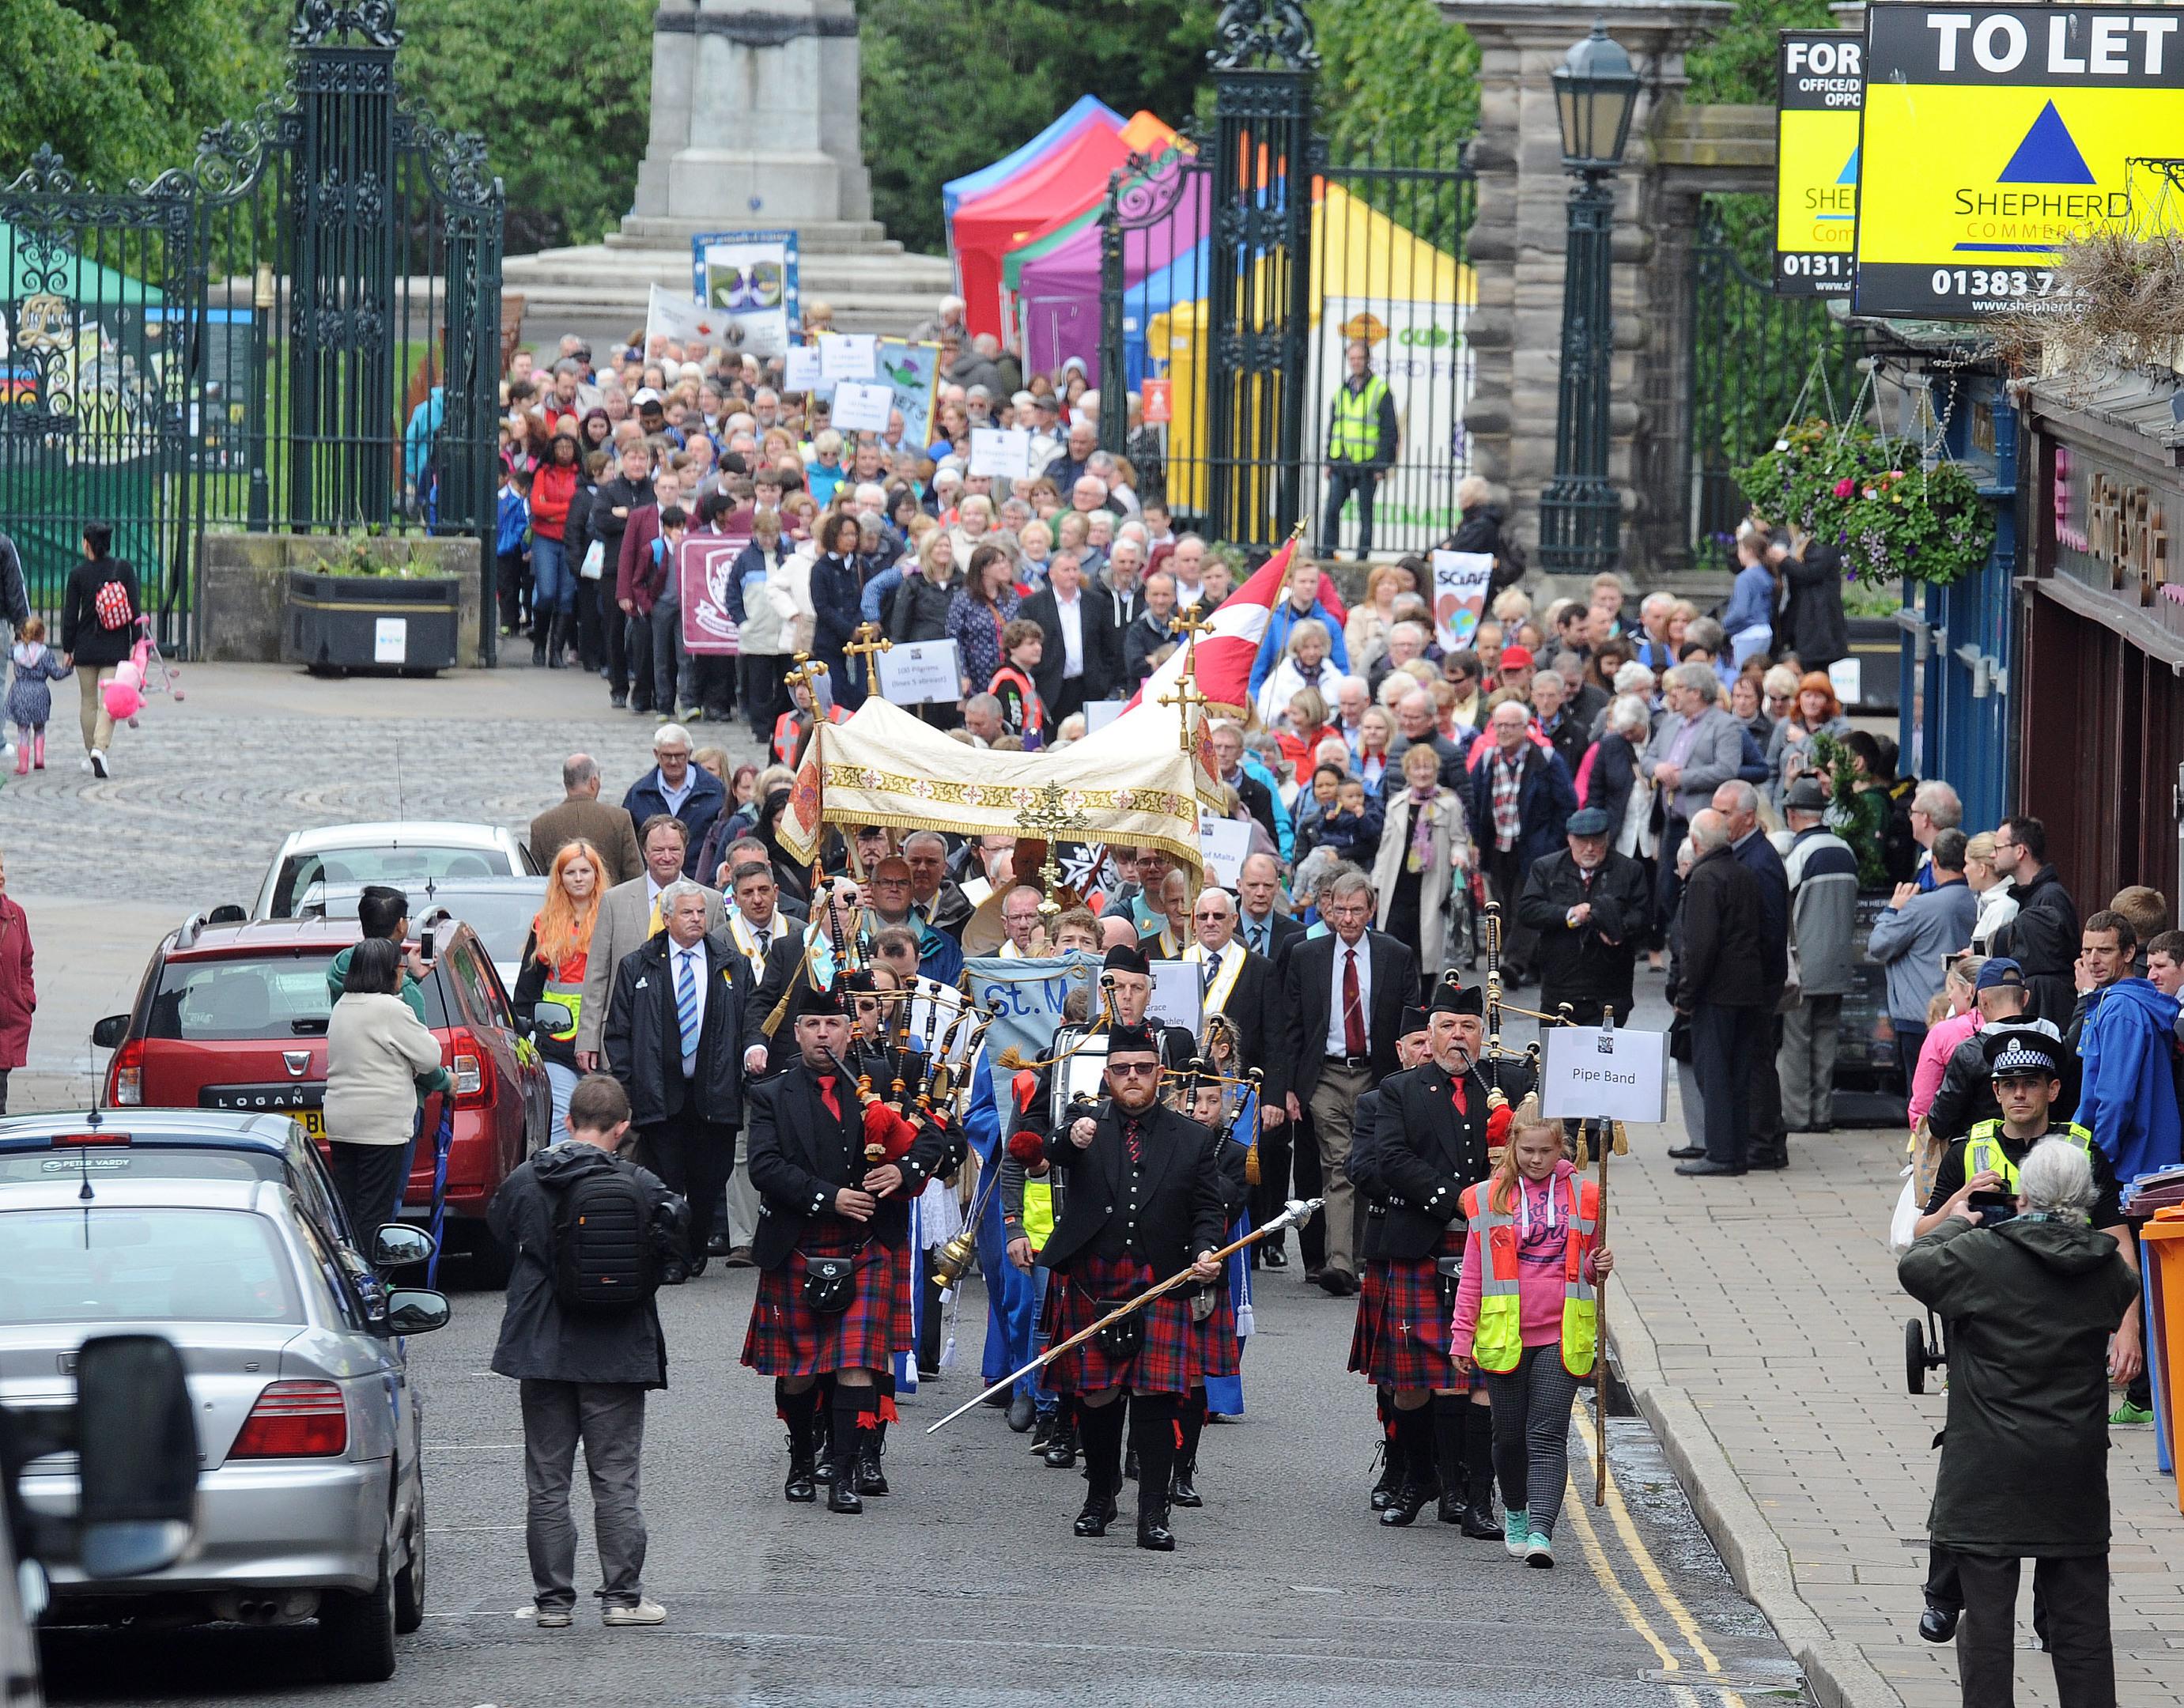 The Pilgrim's parade heads through Dunfermline.